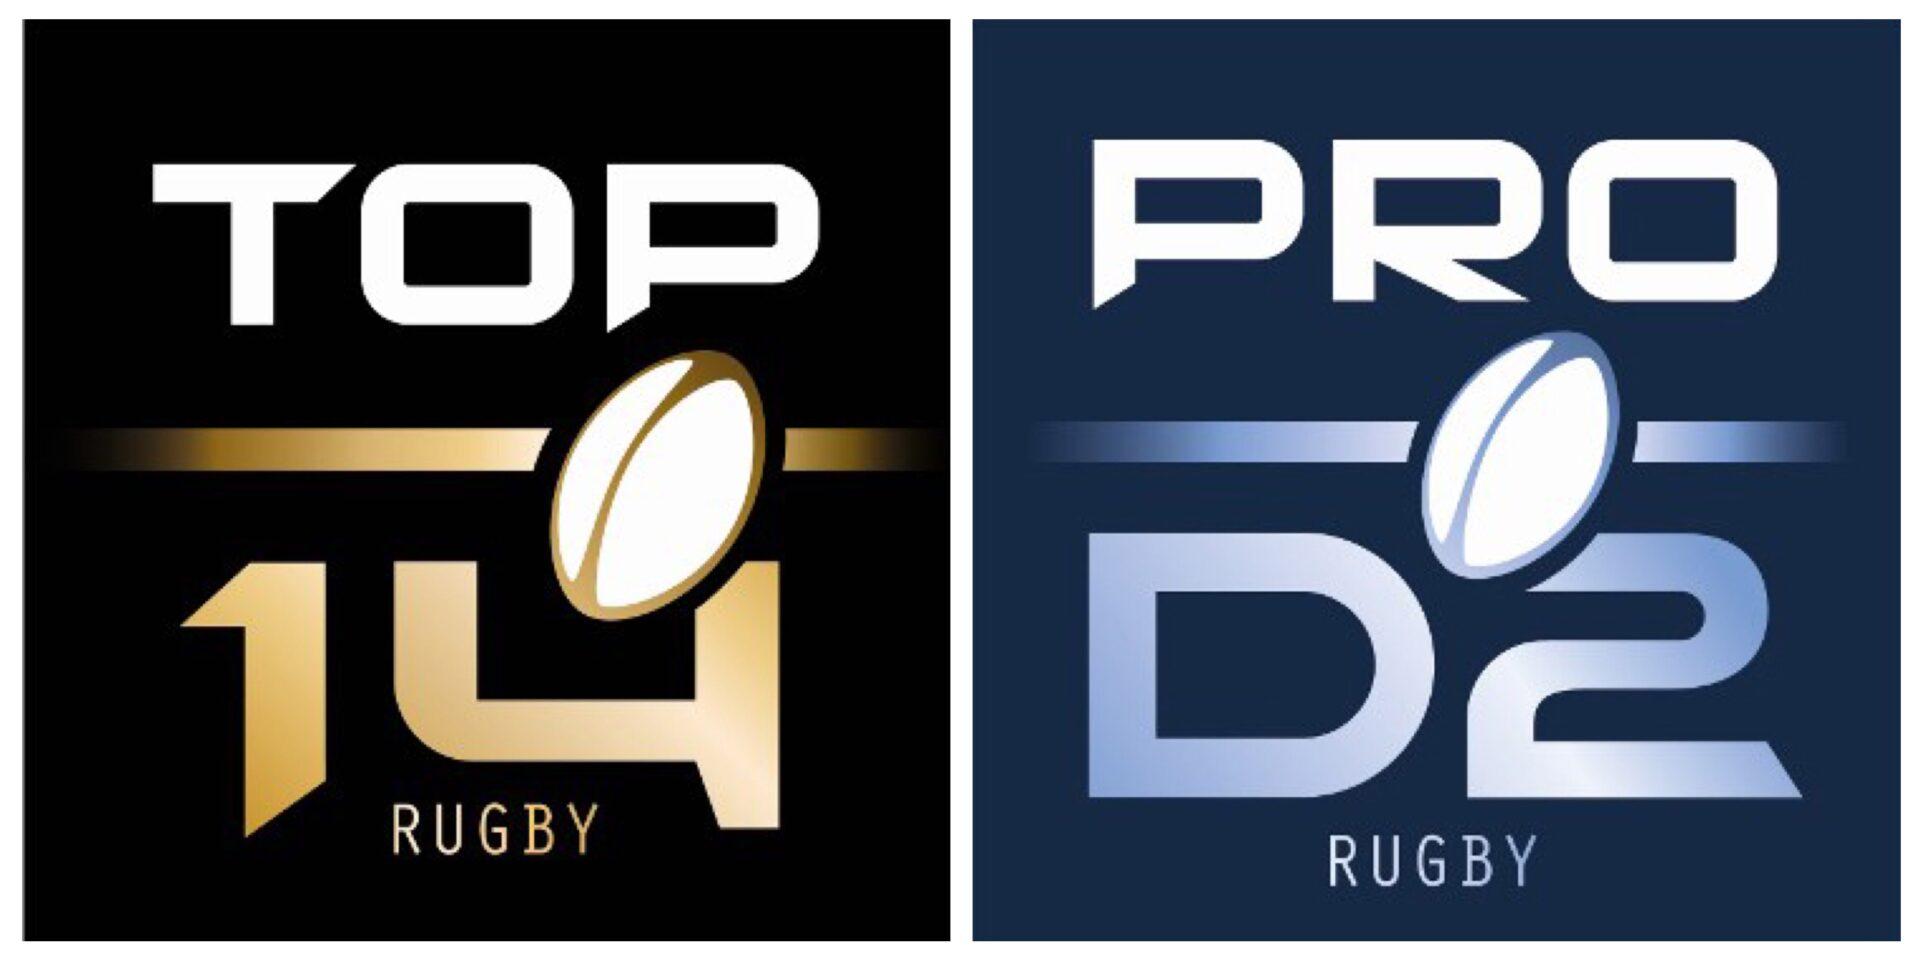 Calendrier Des Marees La Rochelle 2020.Rugby Les Calendriers De Top 14 Et Pro D2 Devoiles Sud Radio